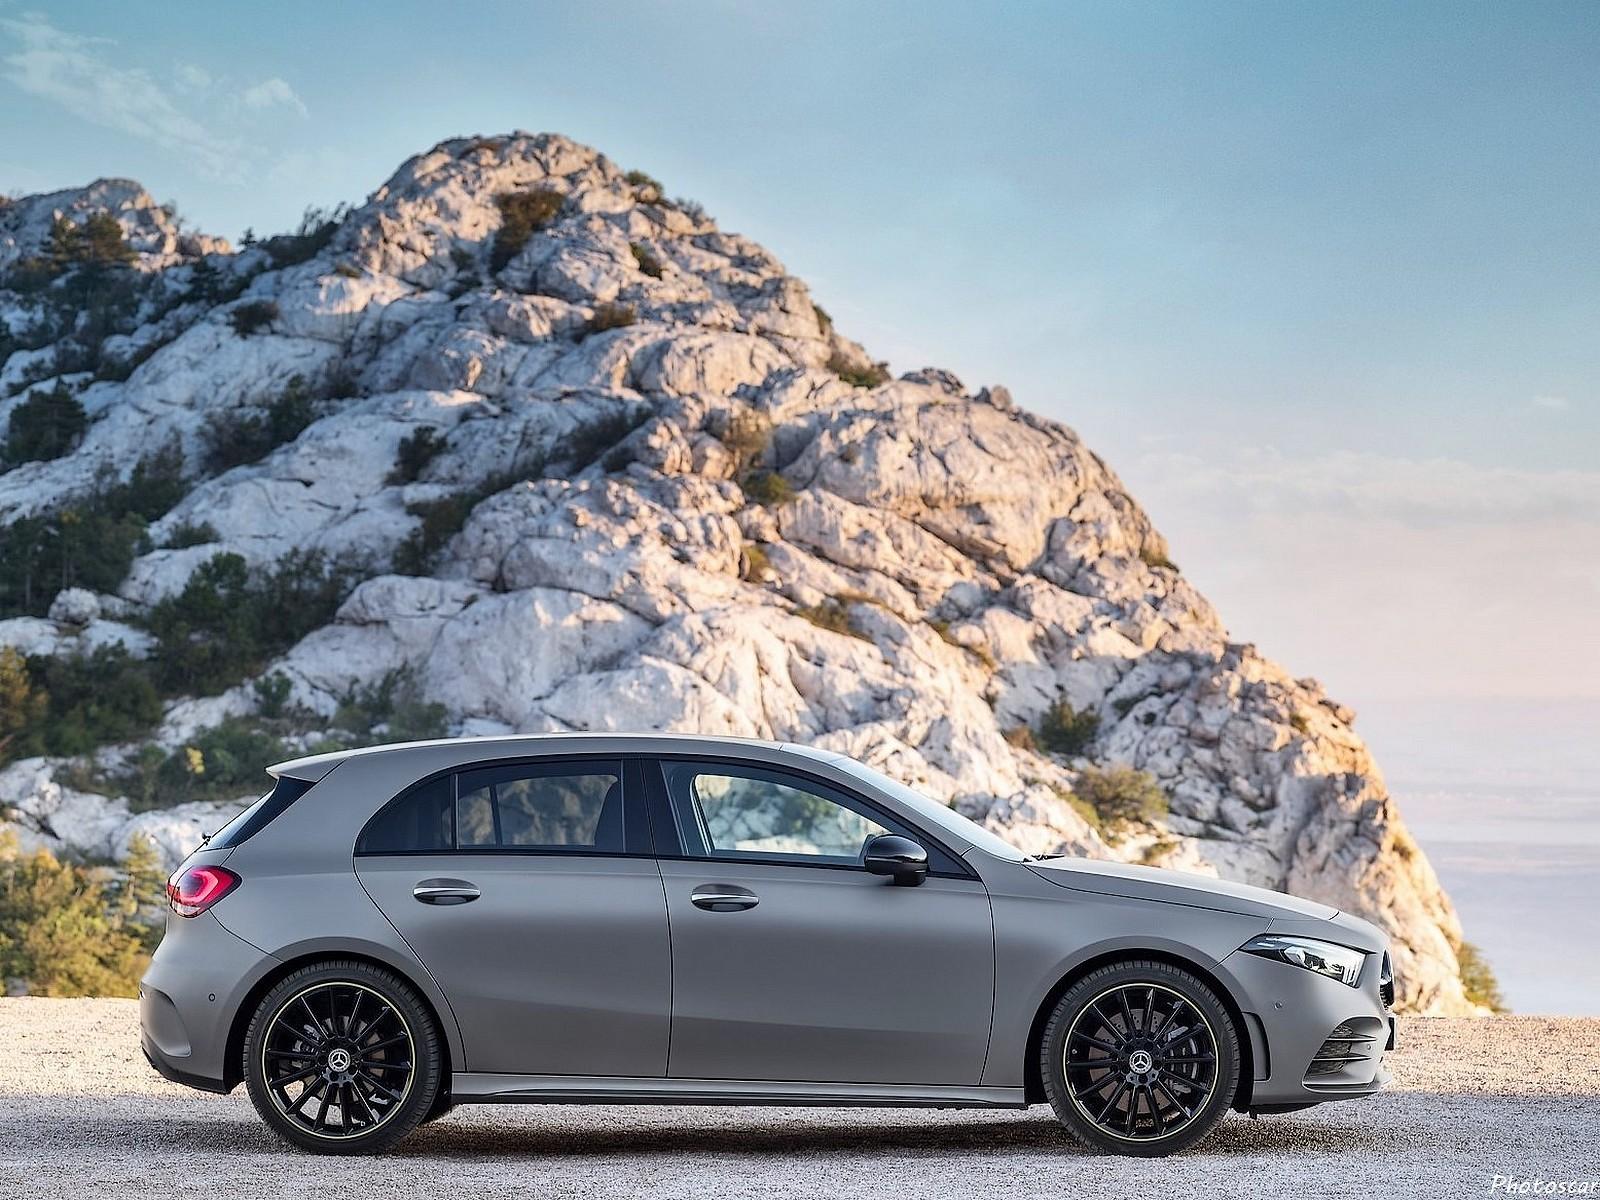 Mercedes_Benz_A Class 2019